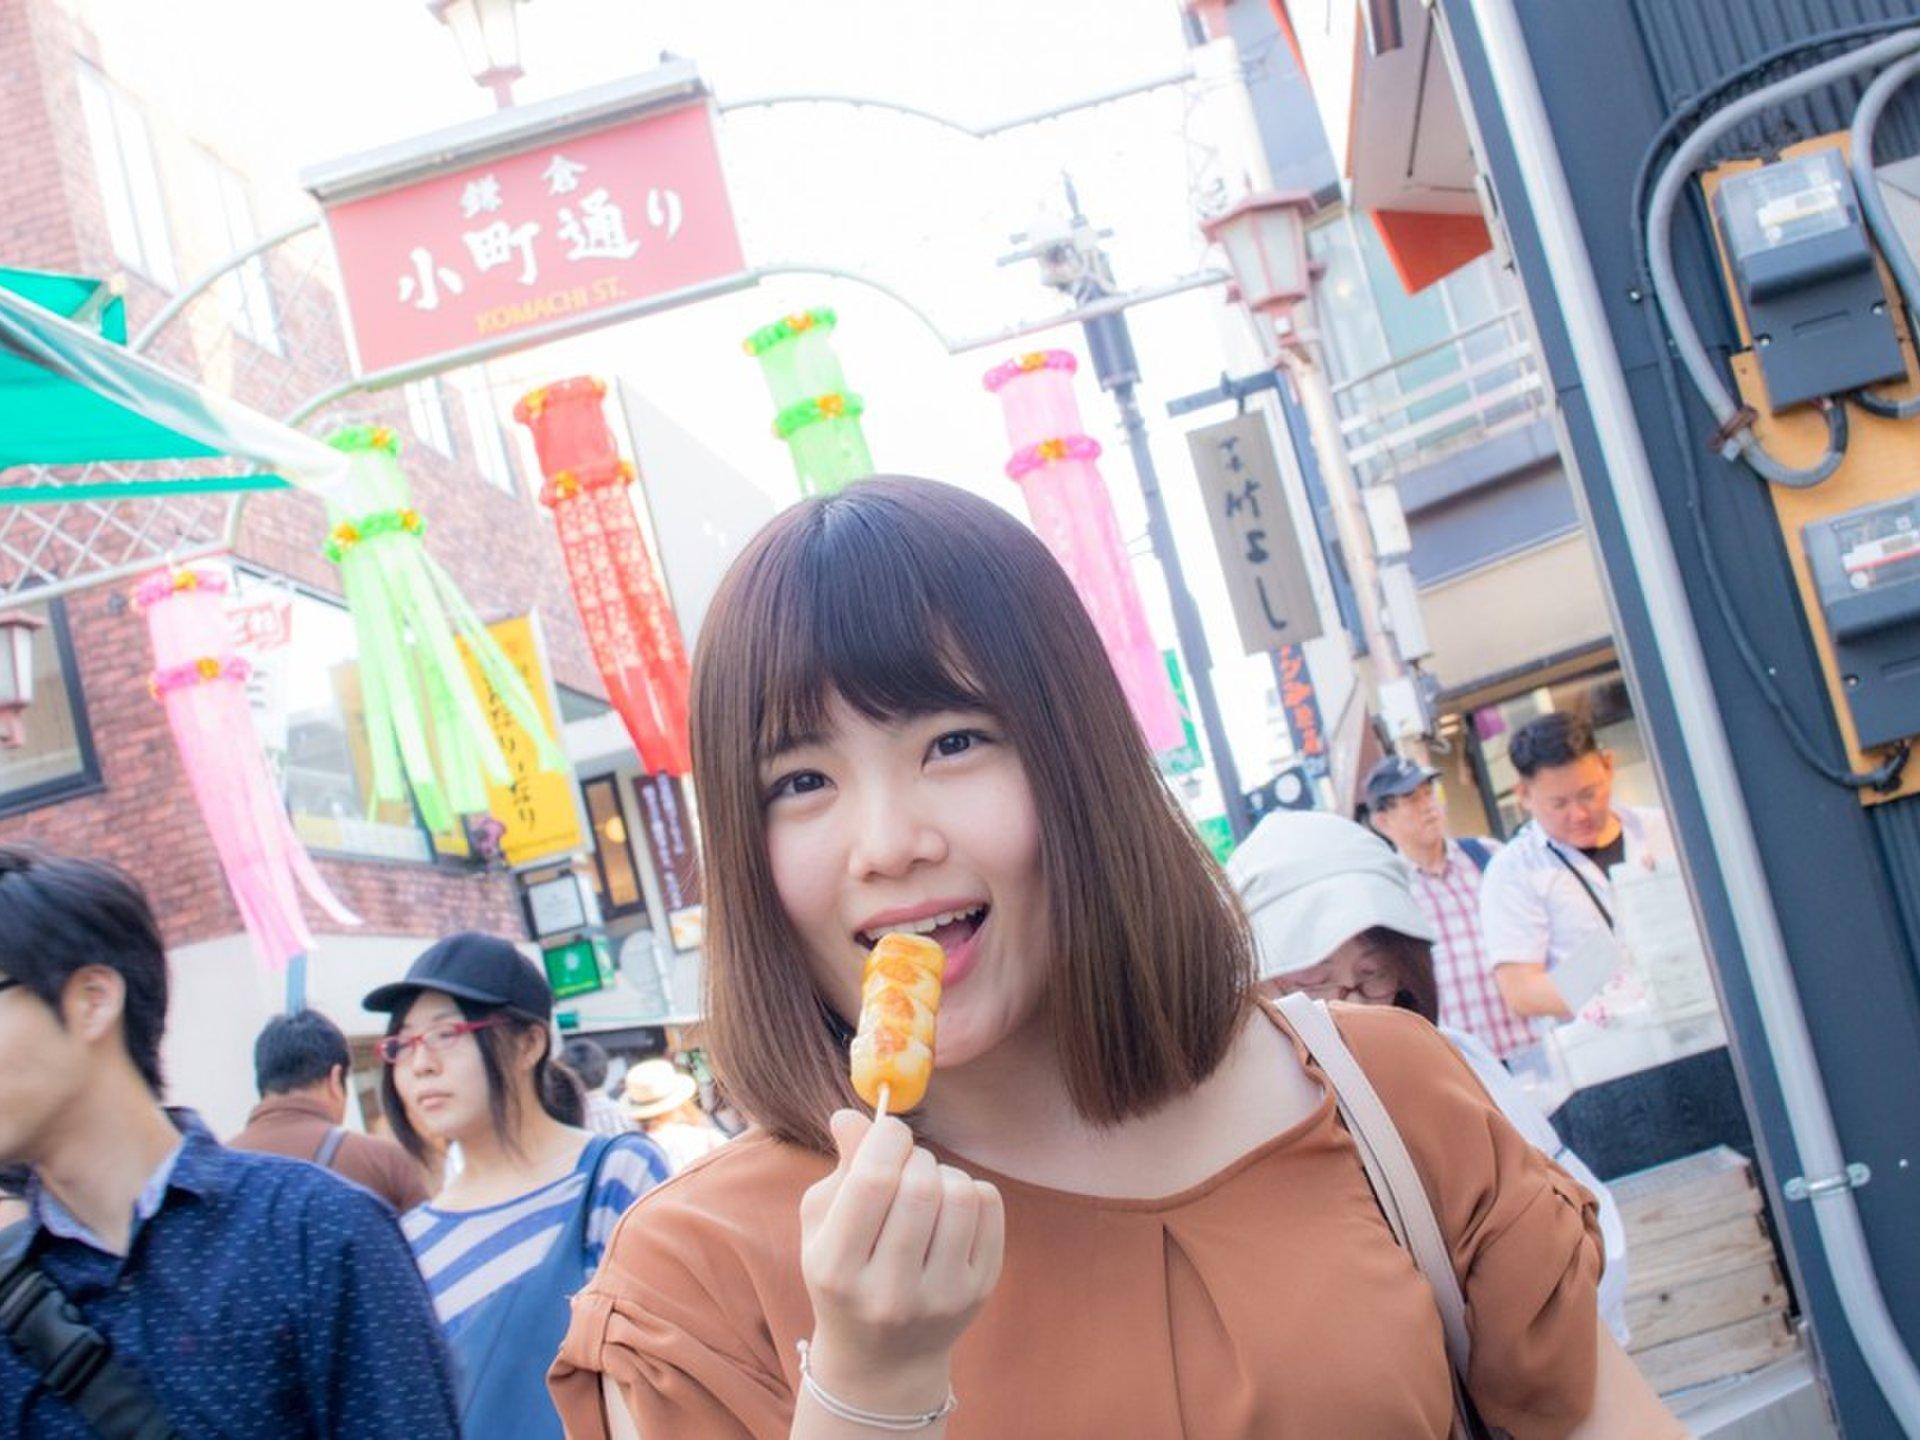 지도 손에 여자 여행하고 싶은 ♡ 가마쿠라 역 주변 추천 맛집 및 관광 명소